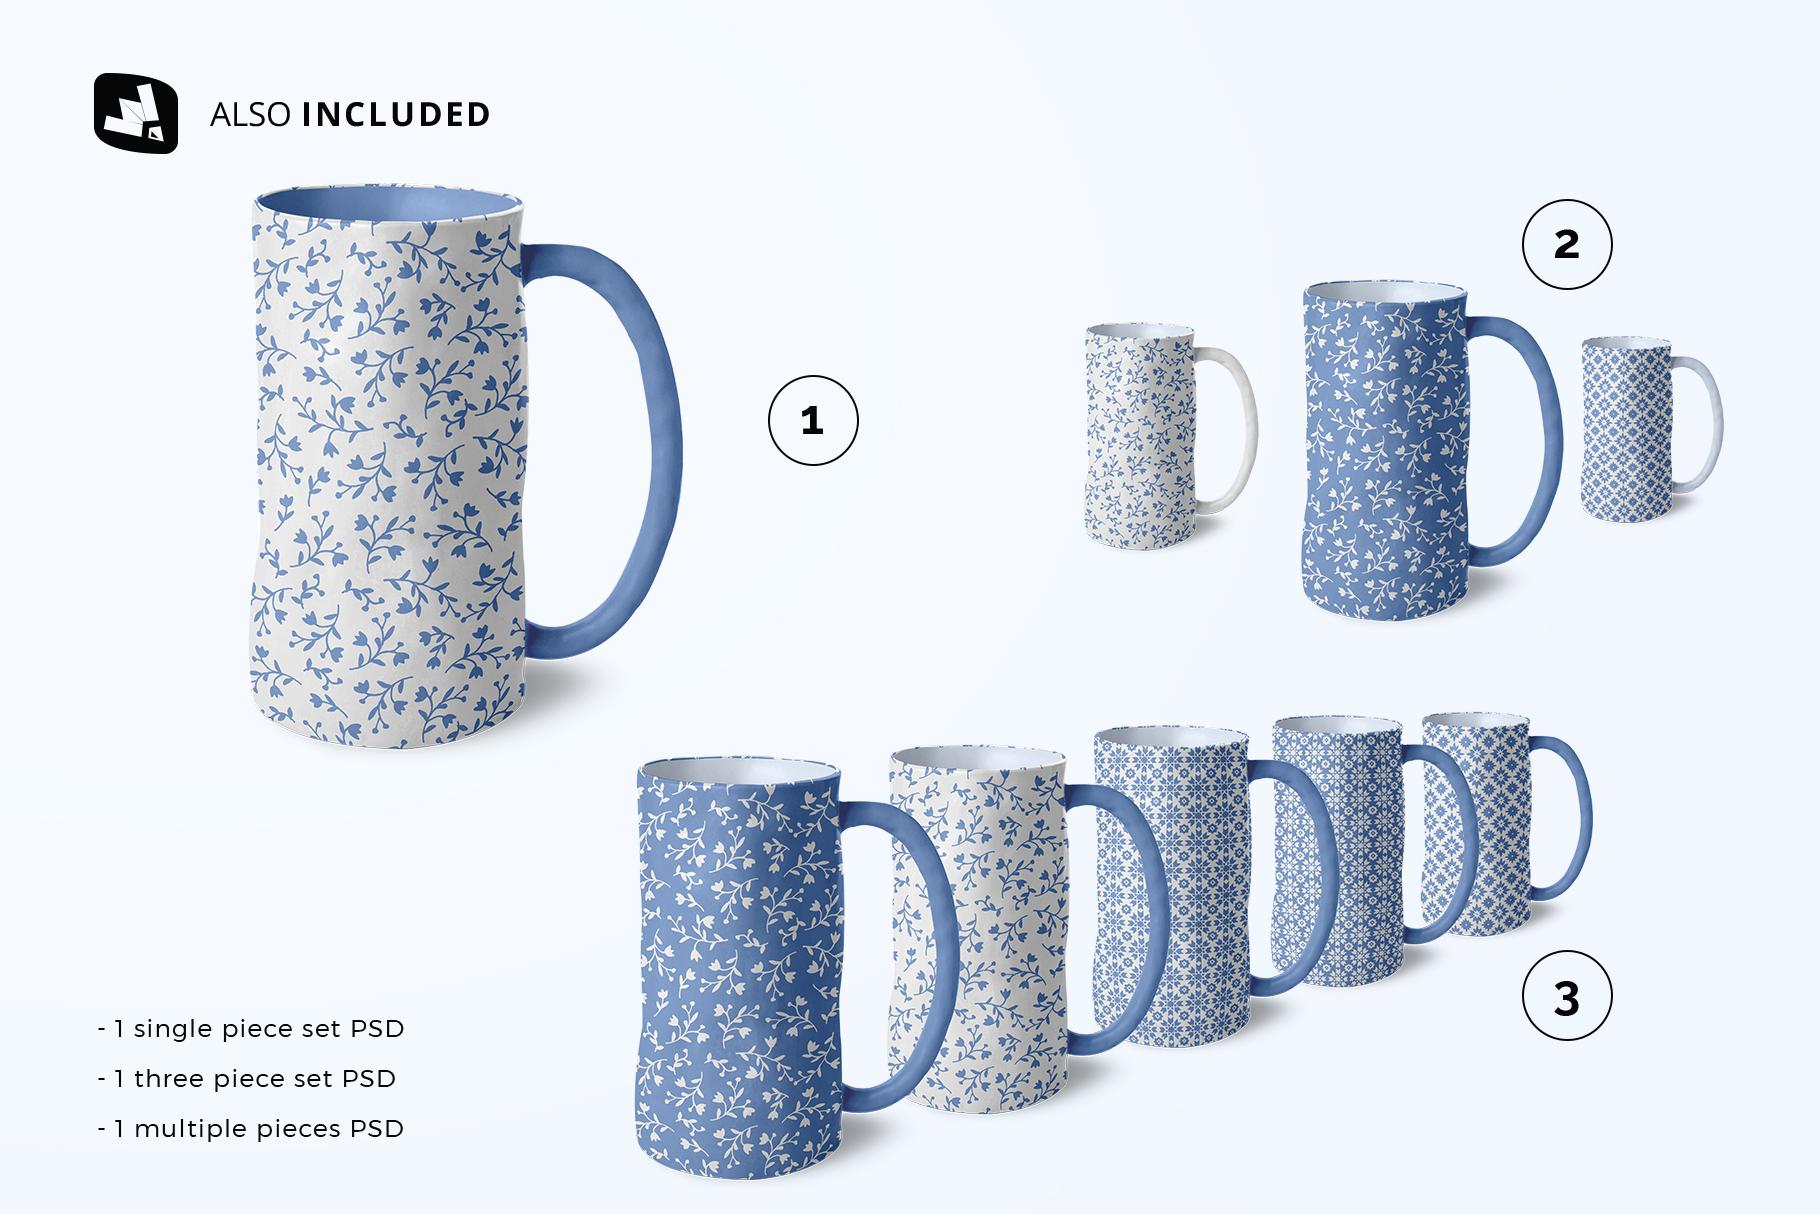 files included in the ceramic jug set mockup